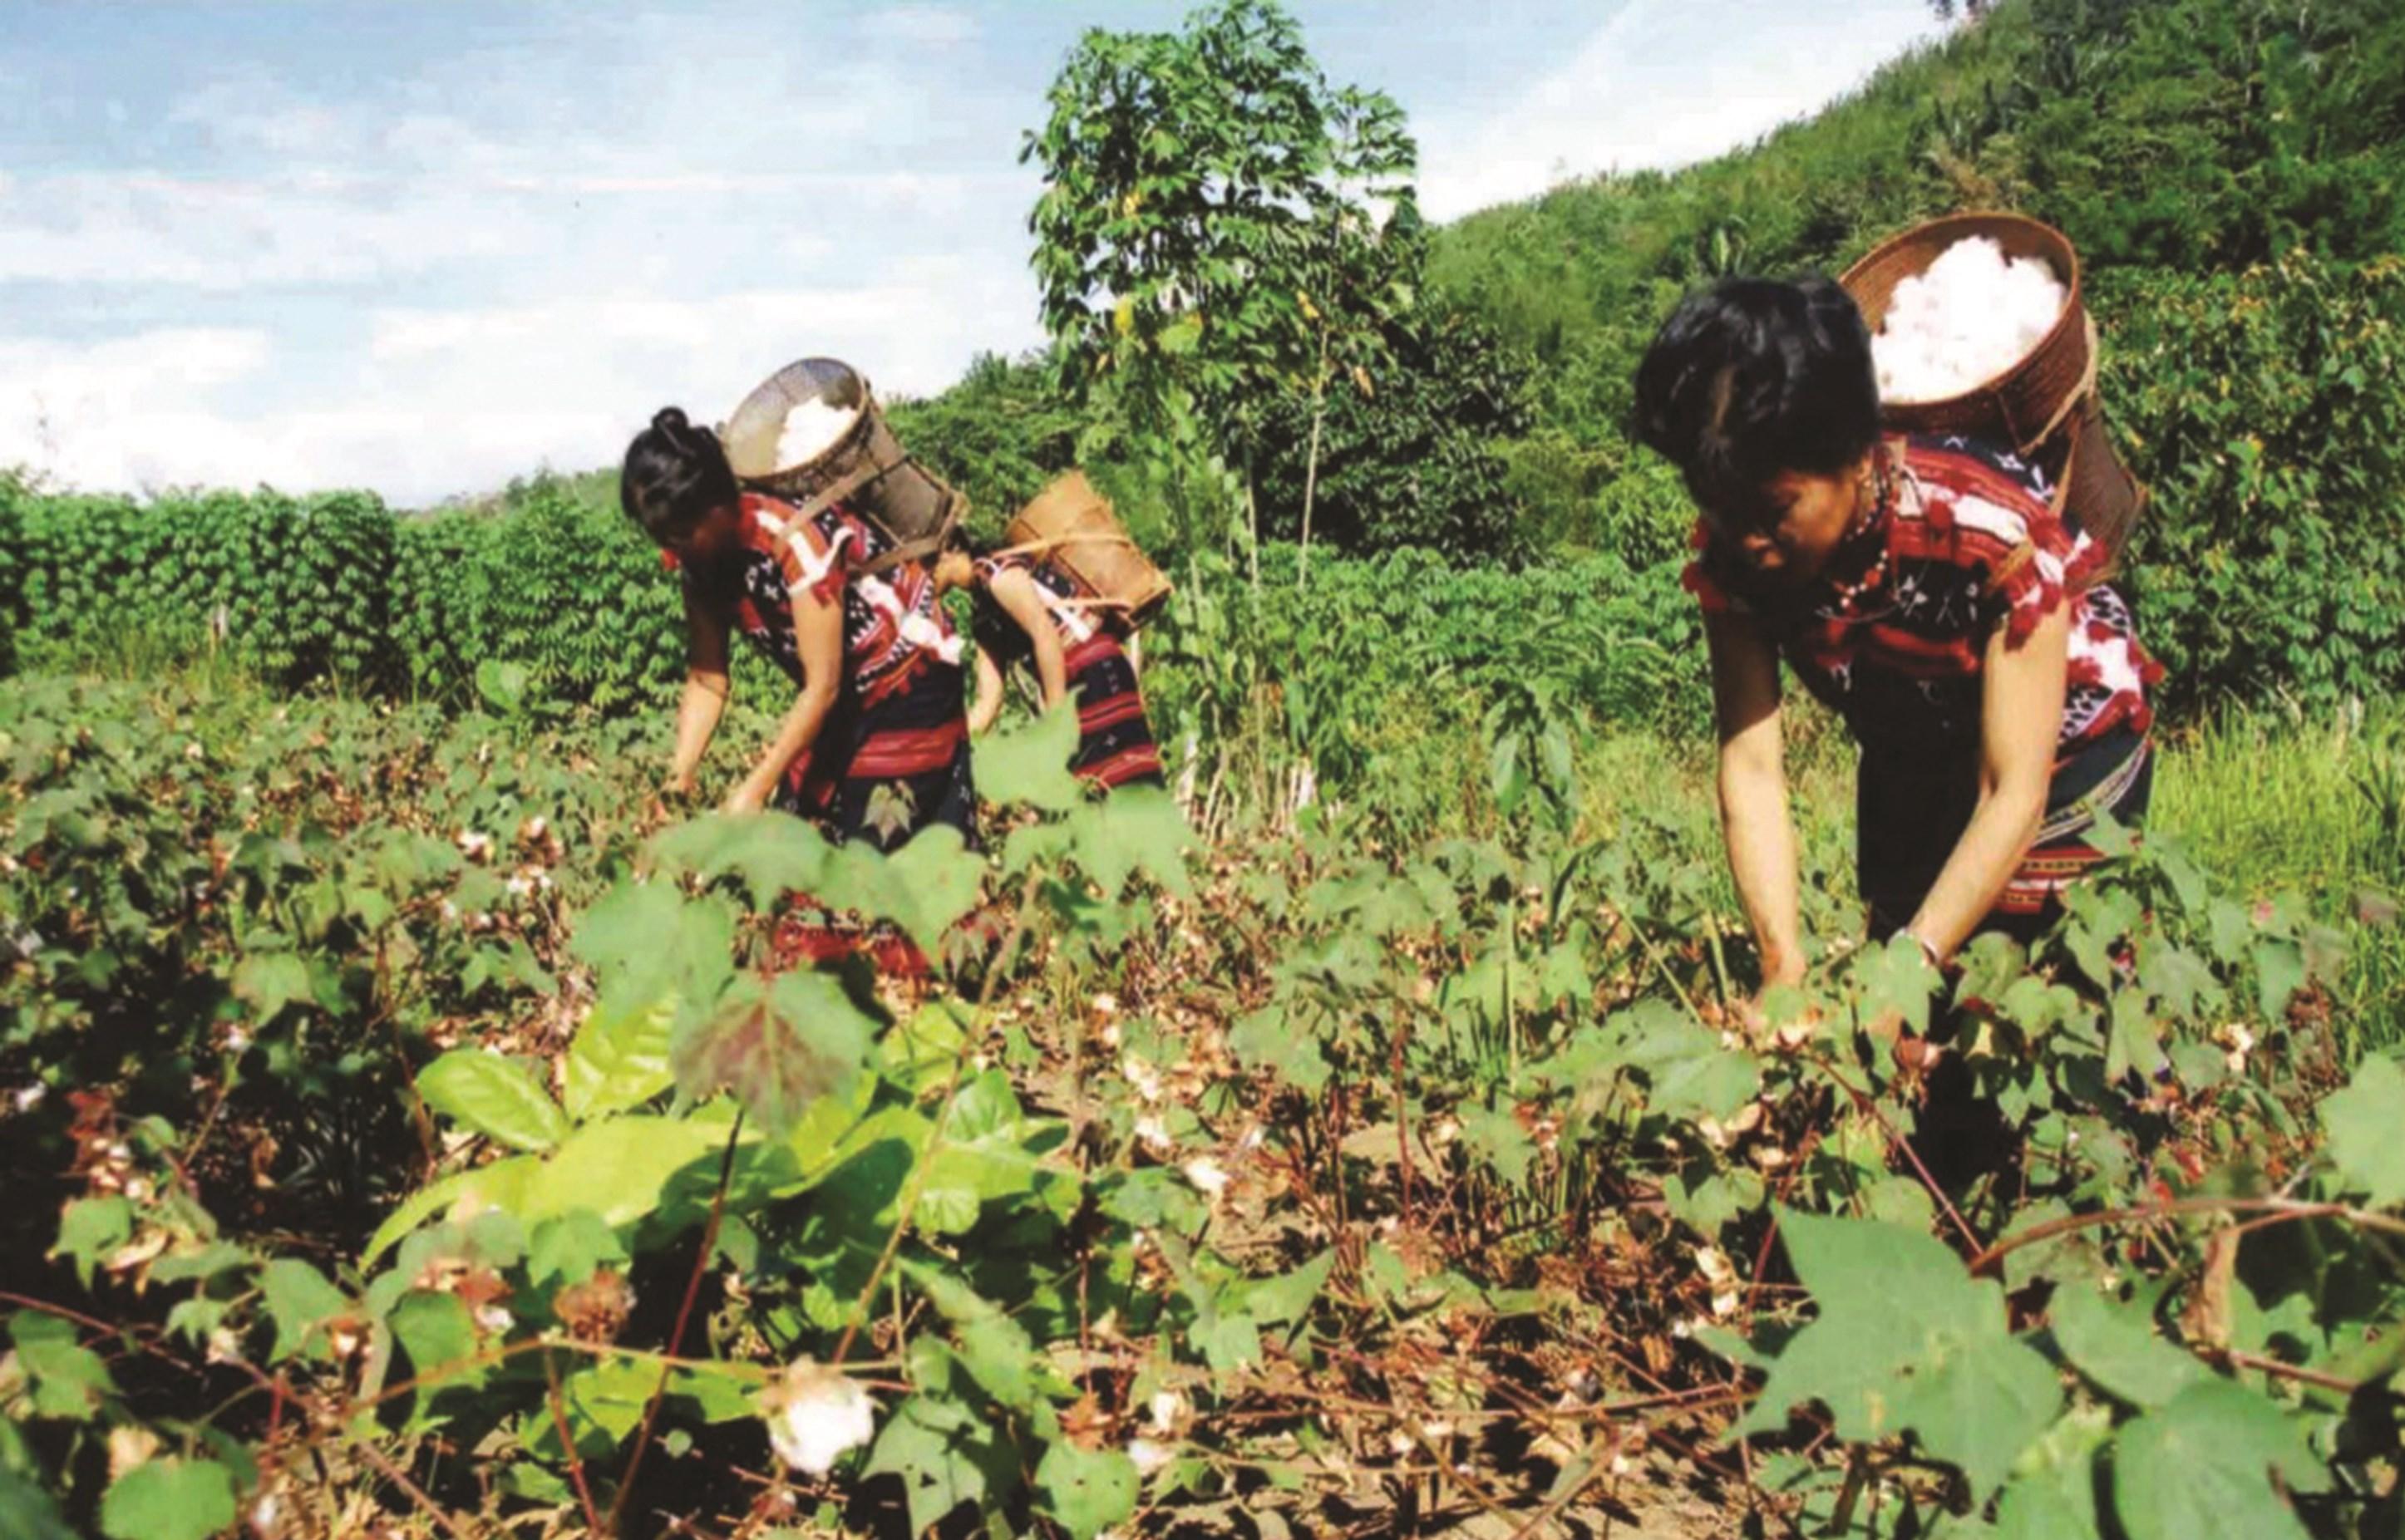 Công đoạn thu hoạch bông, đến công đoạn bật bông, xe bông, kéo sợi và dệt thổ cẩm ở làng Công Dồn